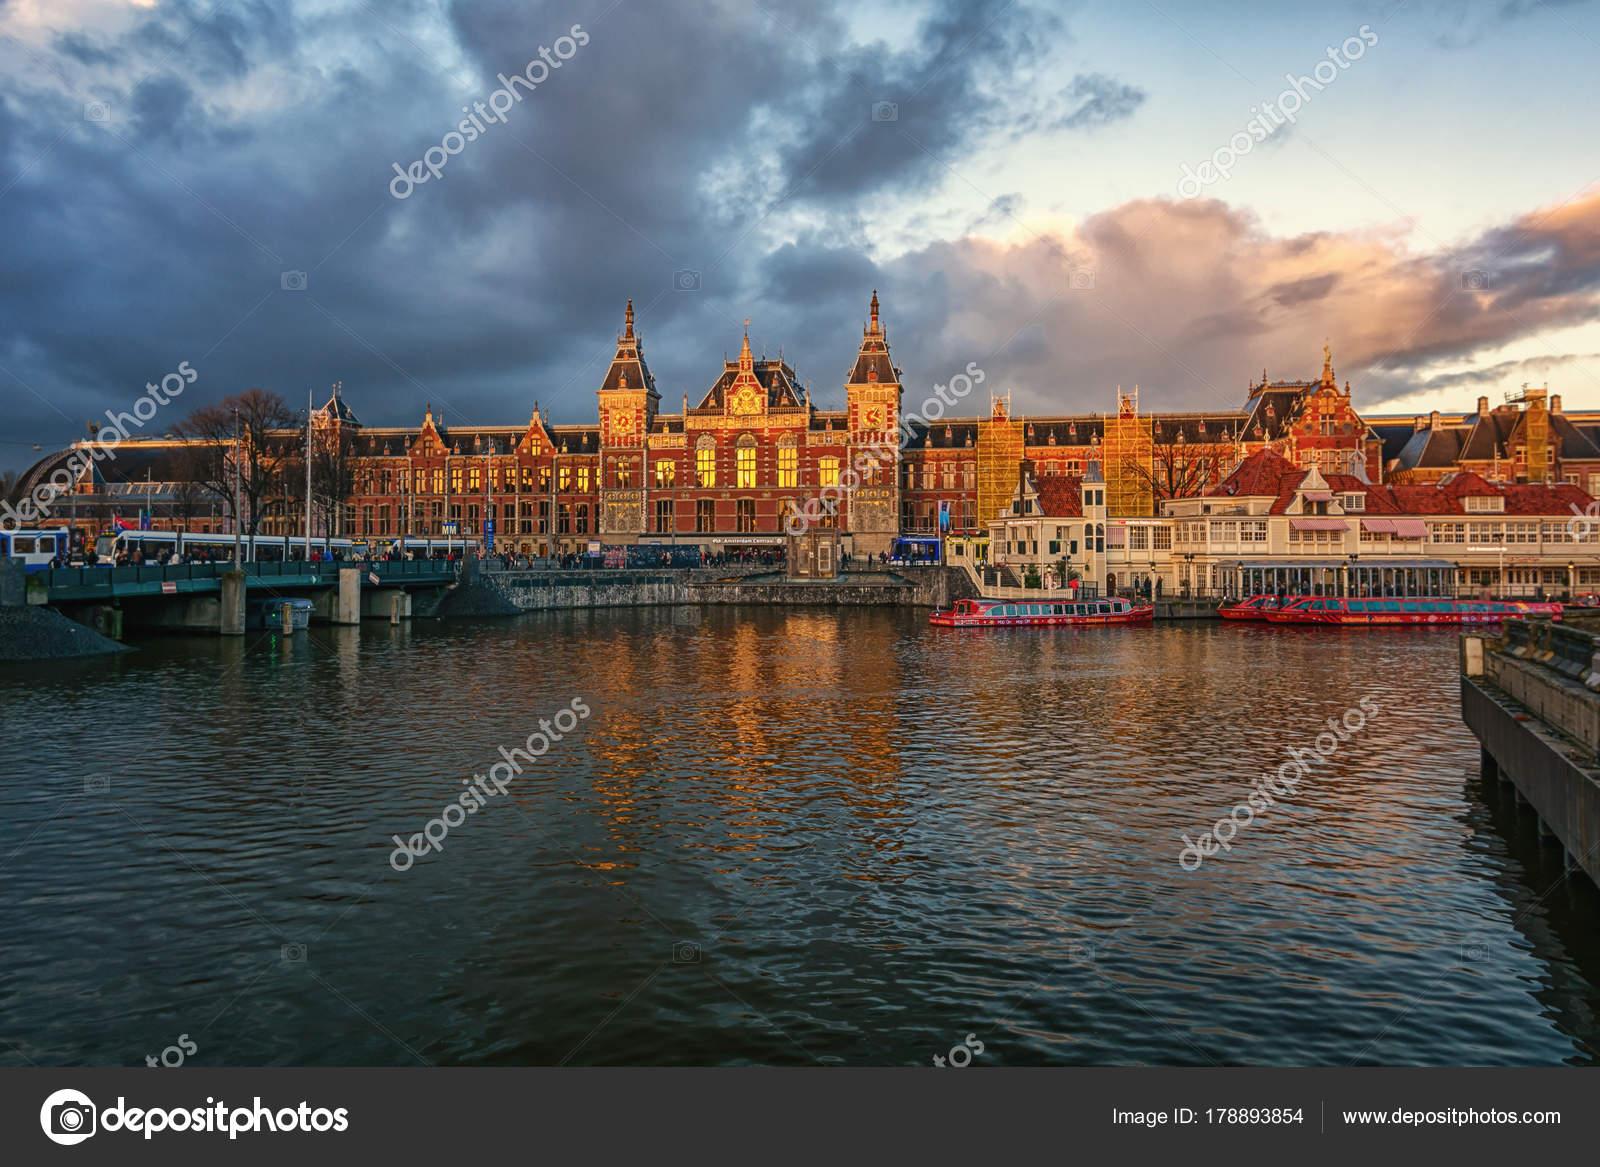 Licht Tour Amsterdam : Der hauptbahnhof von amsterdam im licht der untergehenden sonne